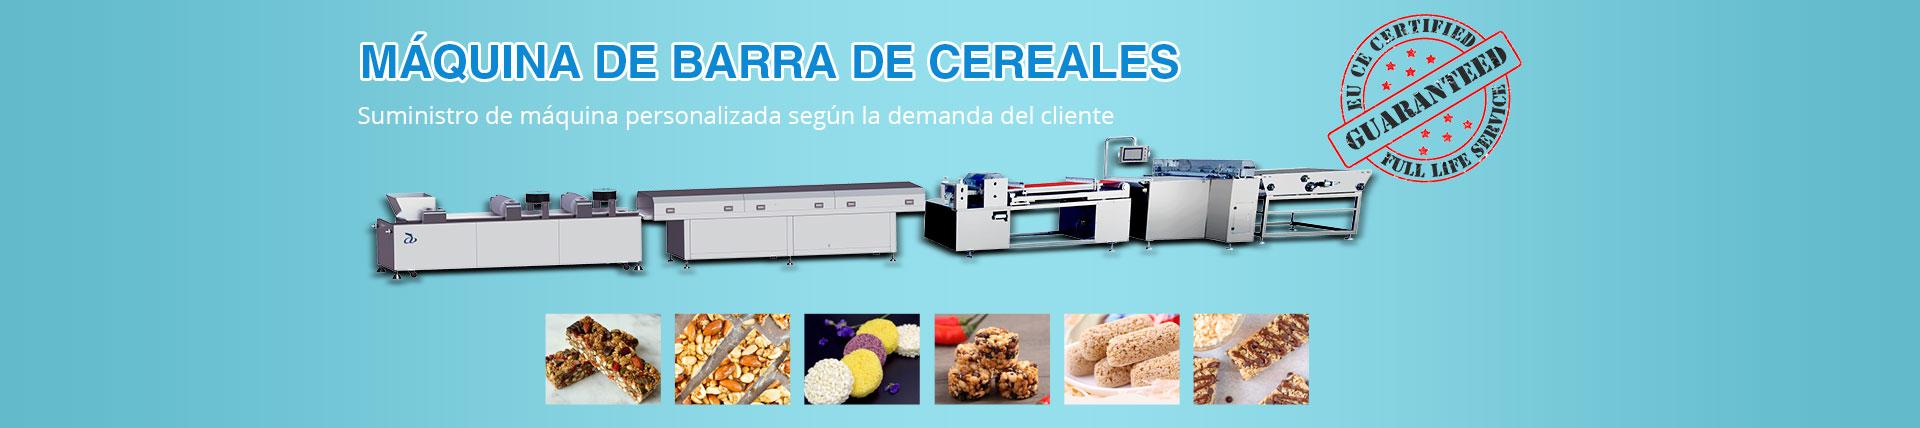 Máquina de barras de cereales